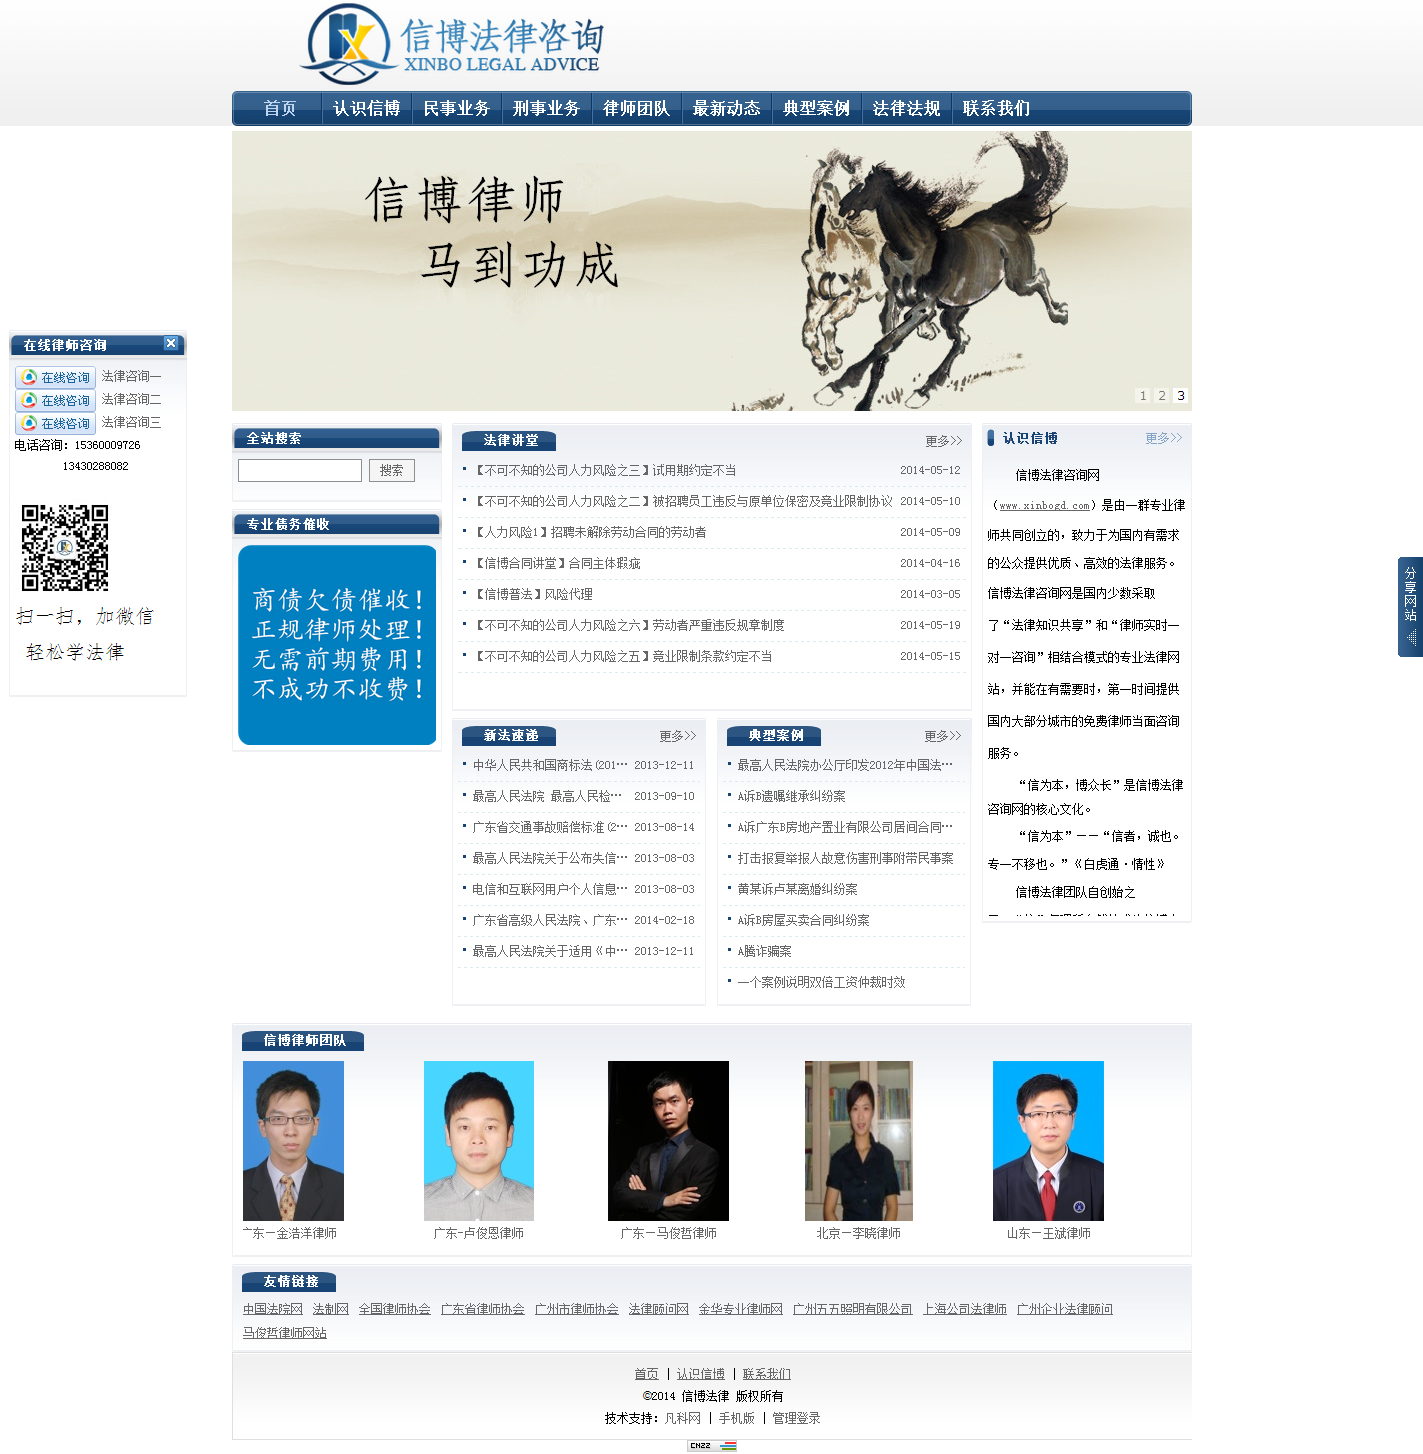 信博法律咨詢網_廣州律師_法律咨詢_公司合同律師